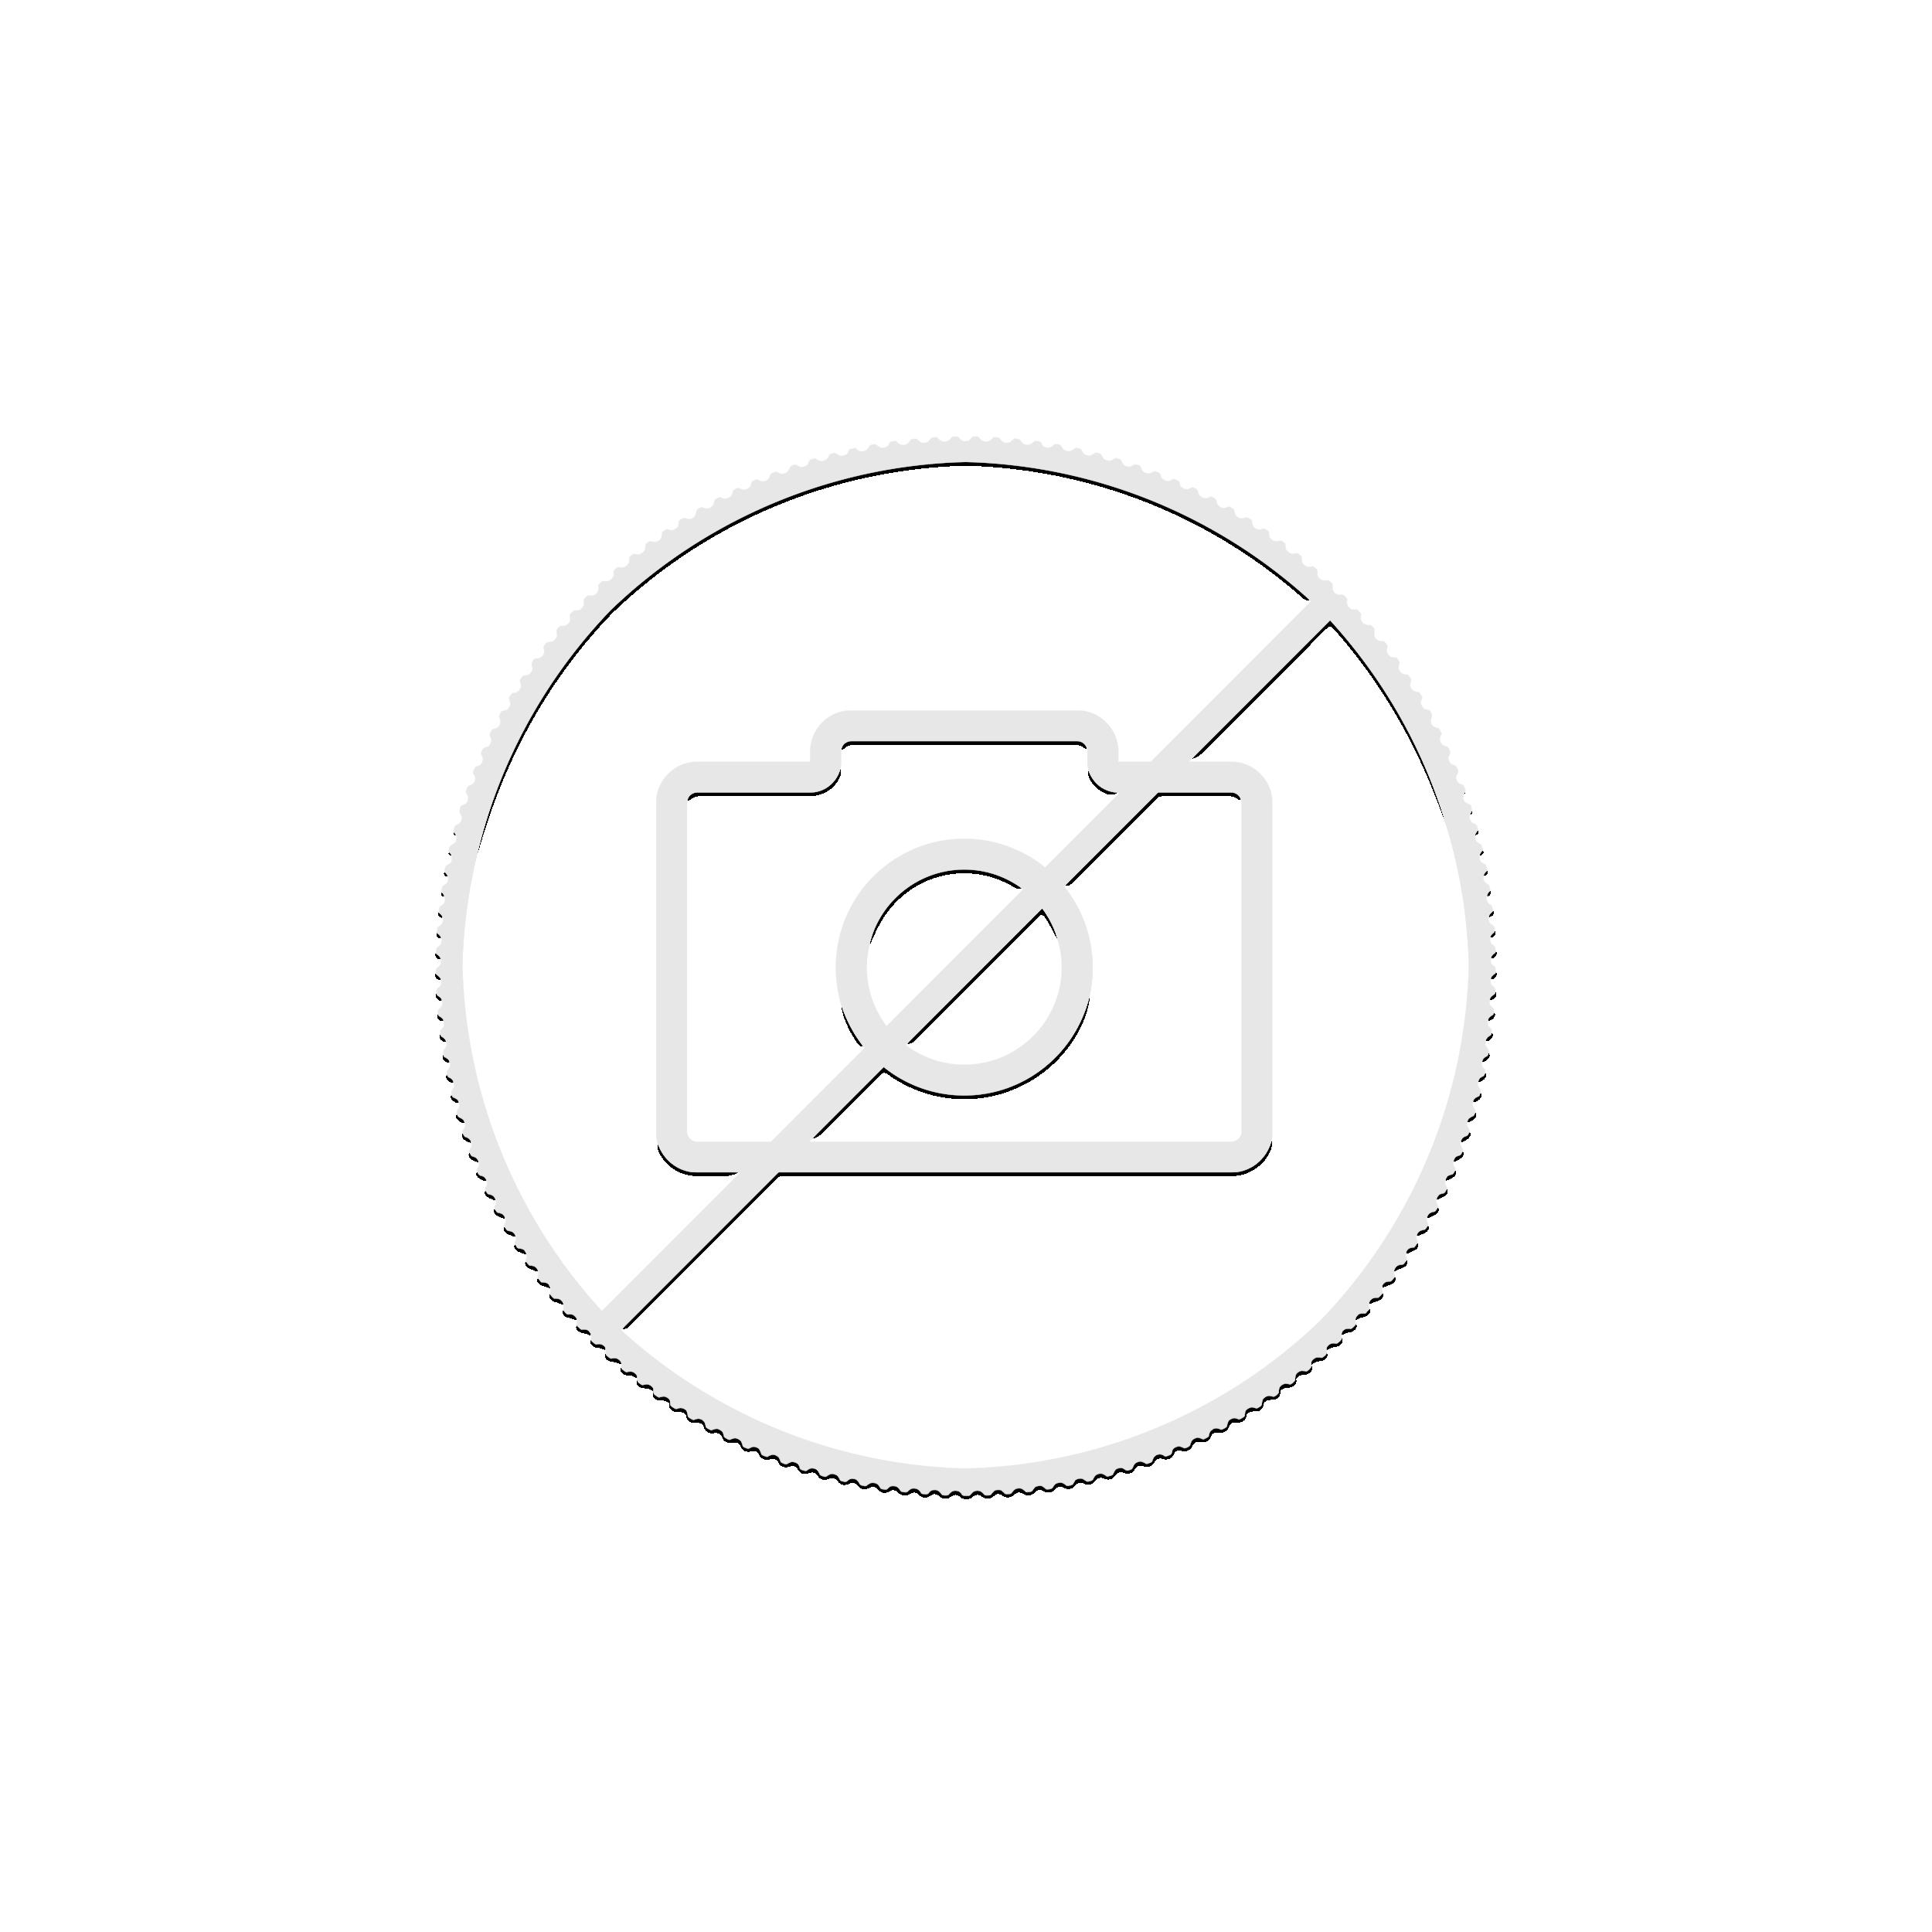 1 troy ounce zilveren munt Kioea - uitgestorven dieren - 2021